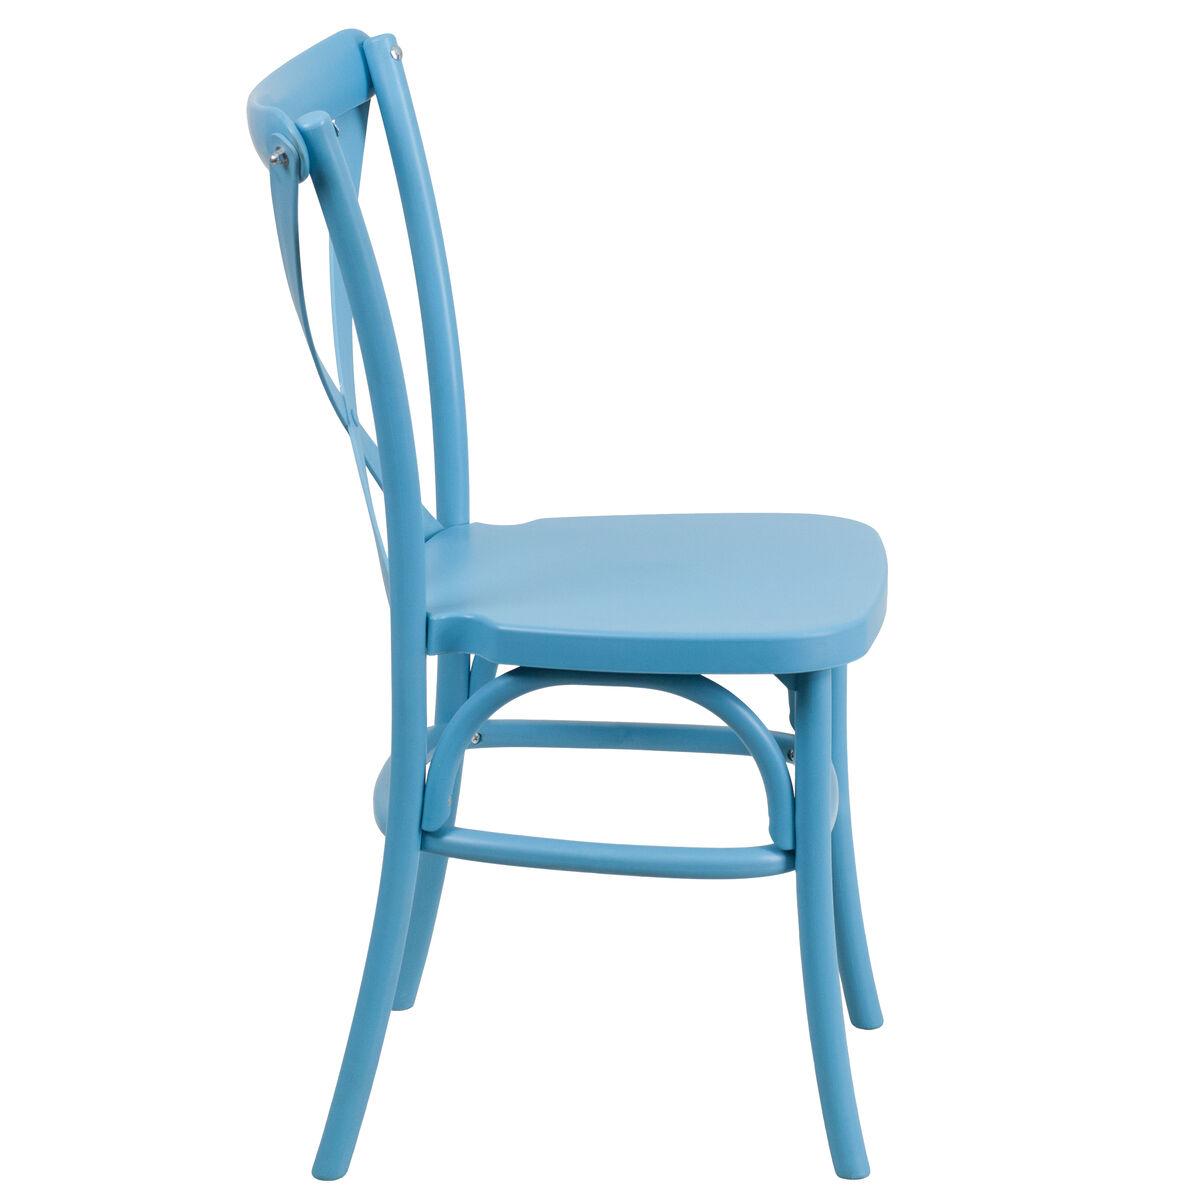 Flash Furniture Hercules Series Blue Resin Indoor Outdoor